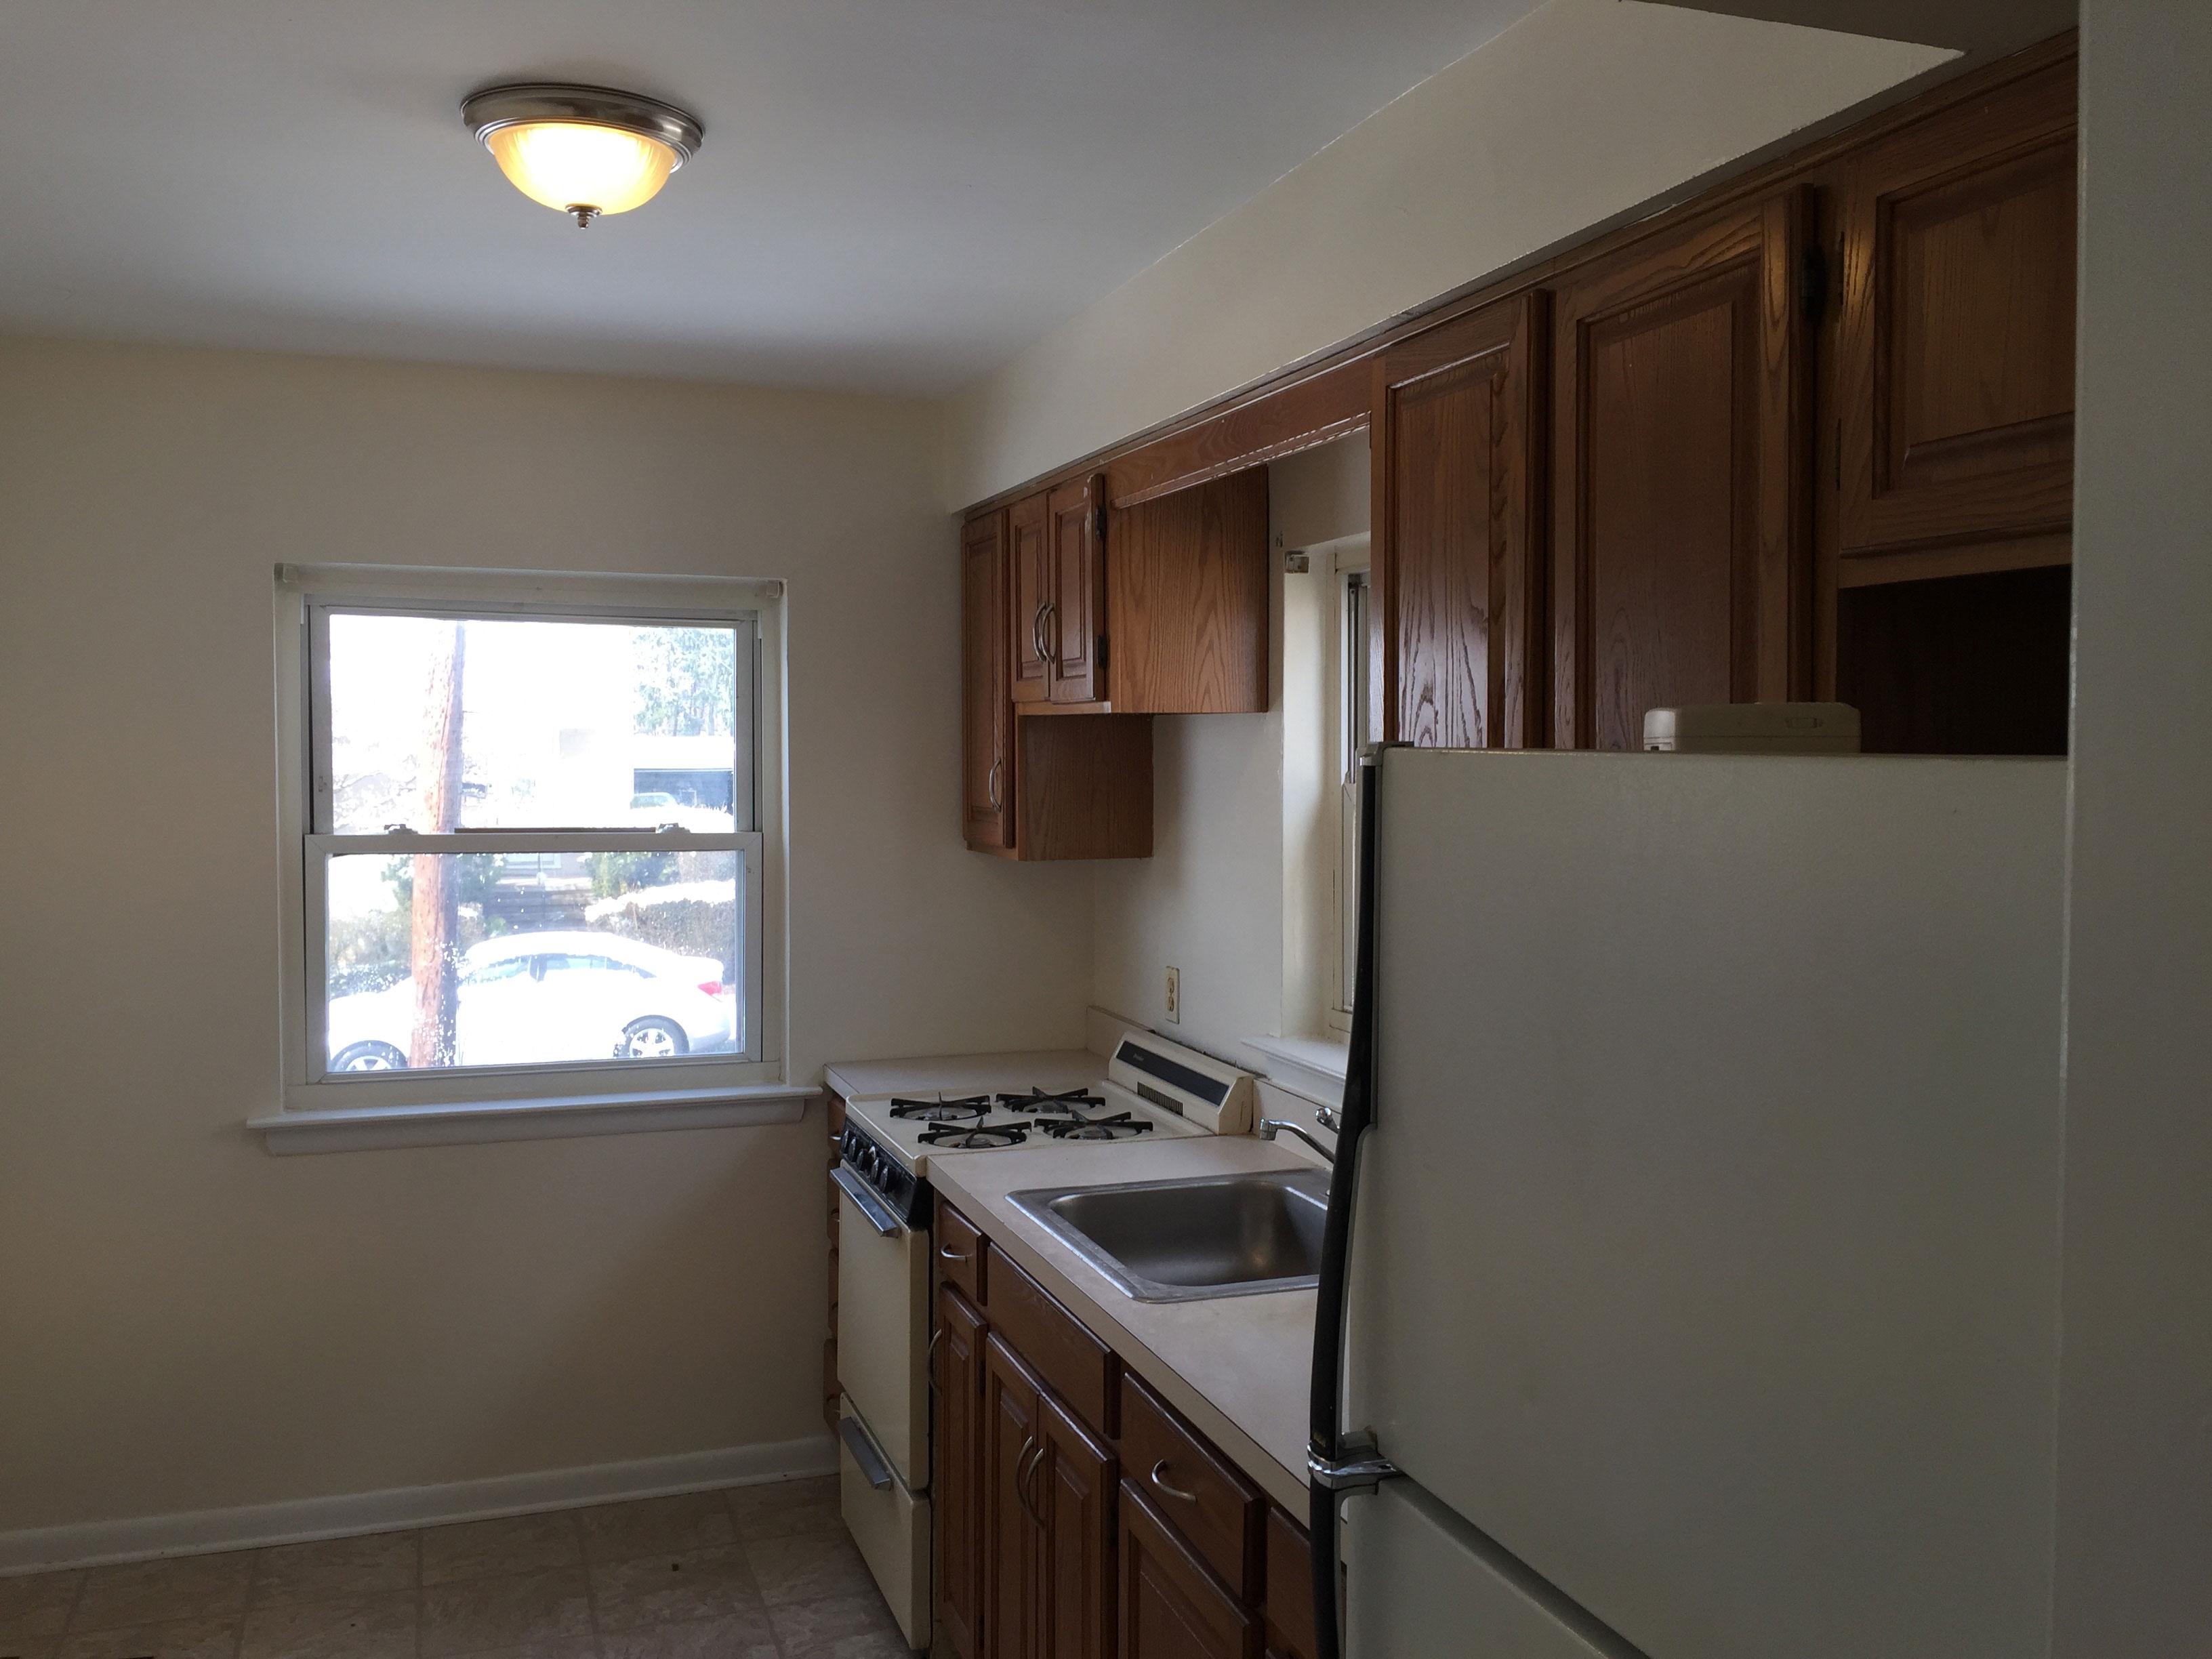 237 Ardmore interior kitchen